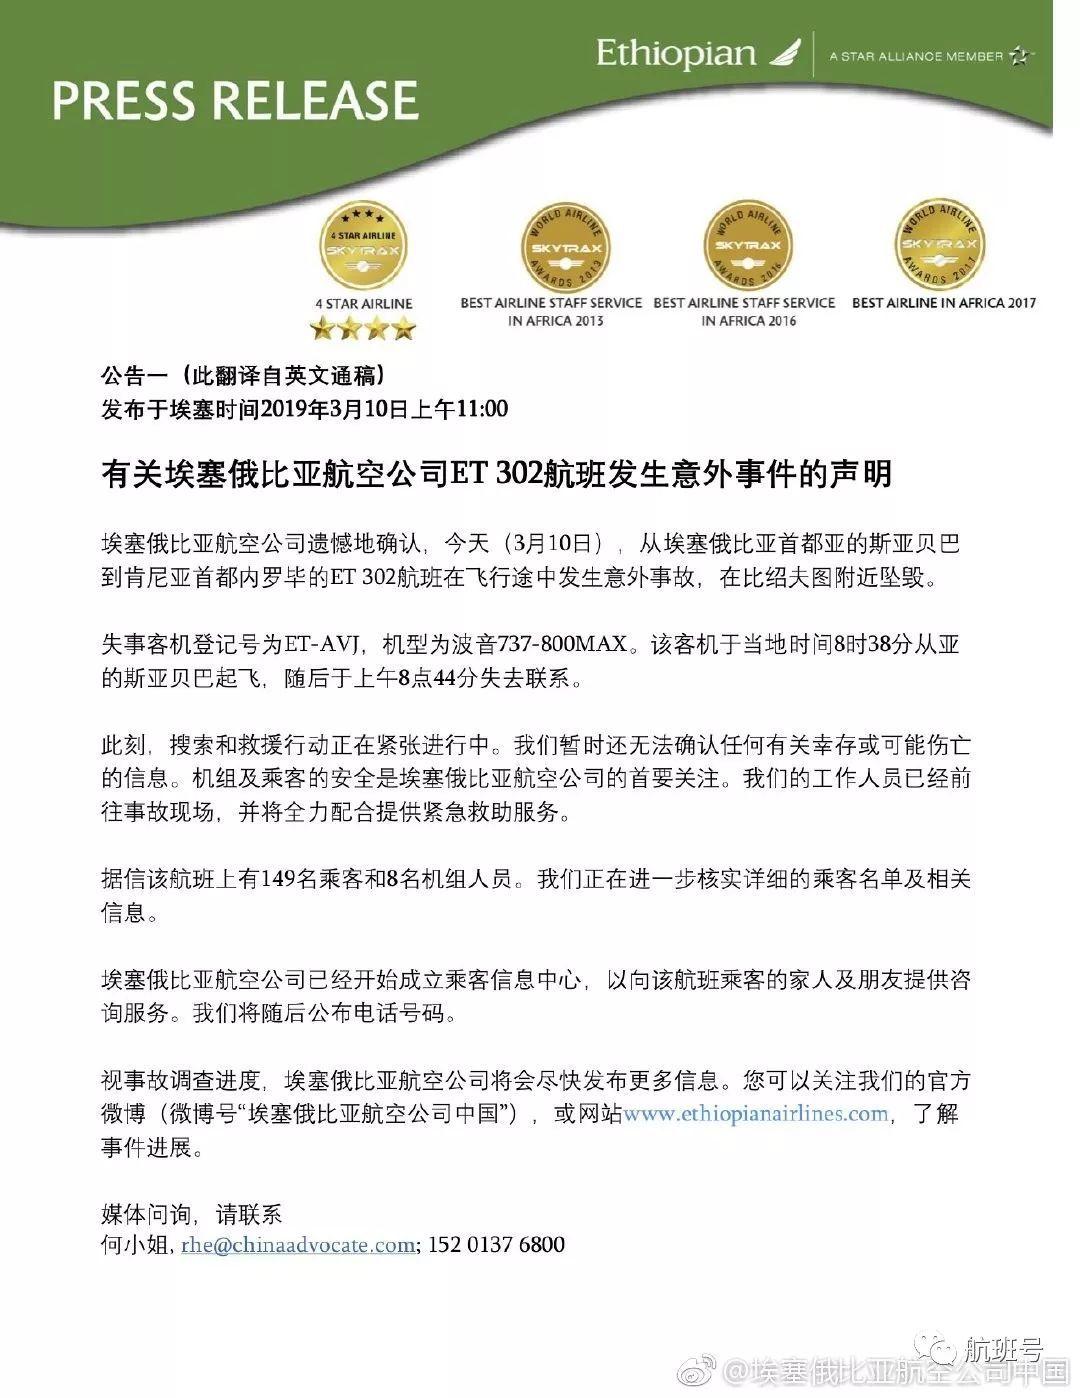 埃航失事737MAX客机上有8名中国旅客,部分名单已公布